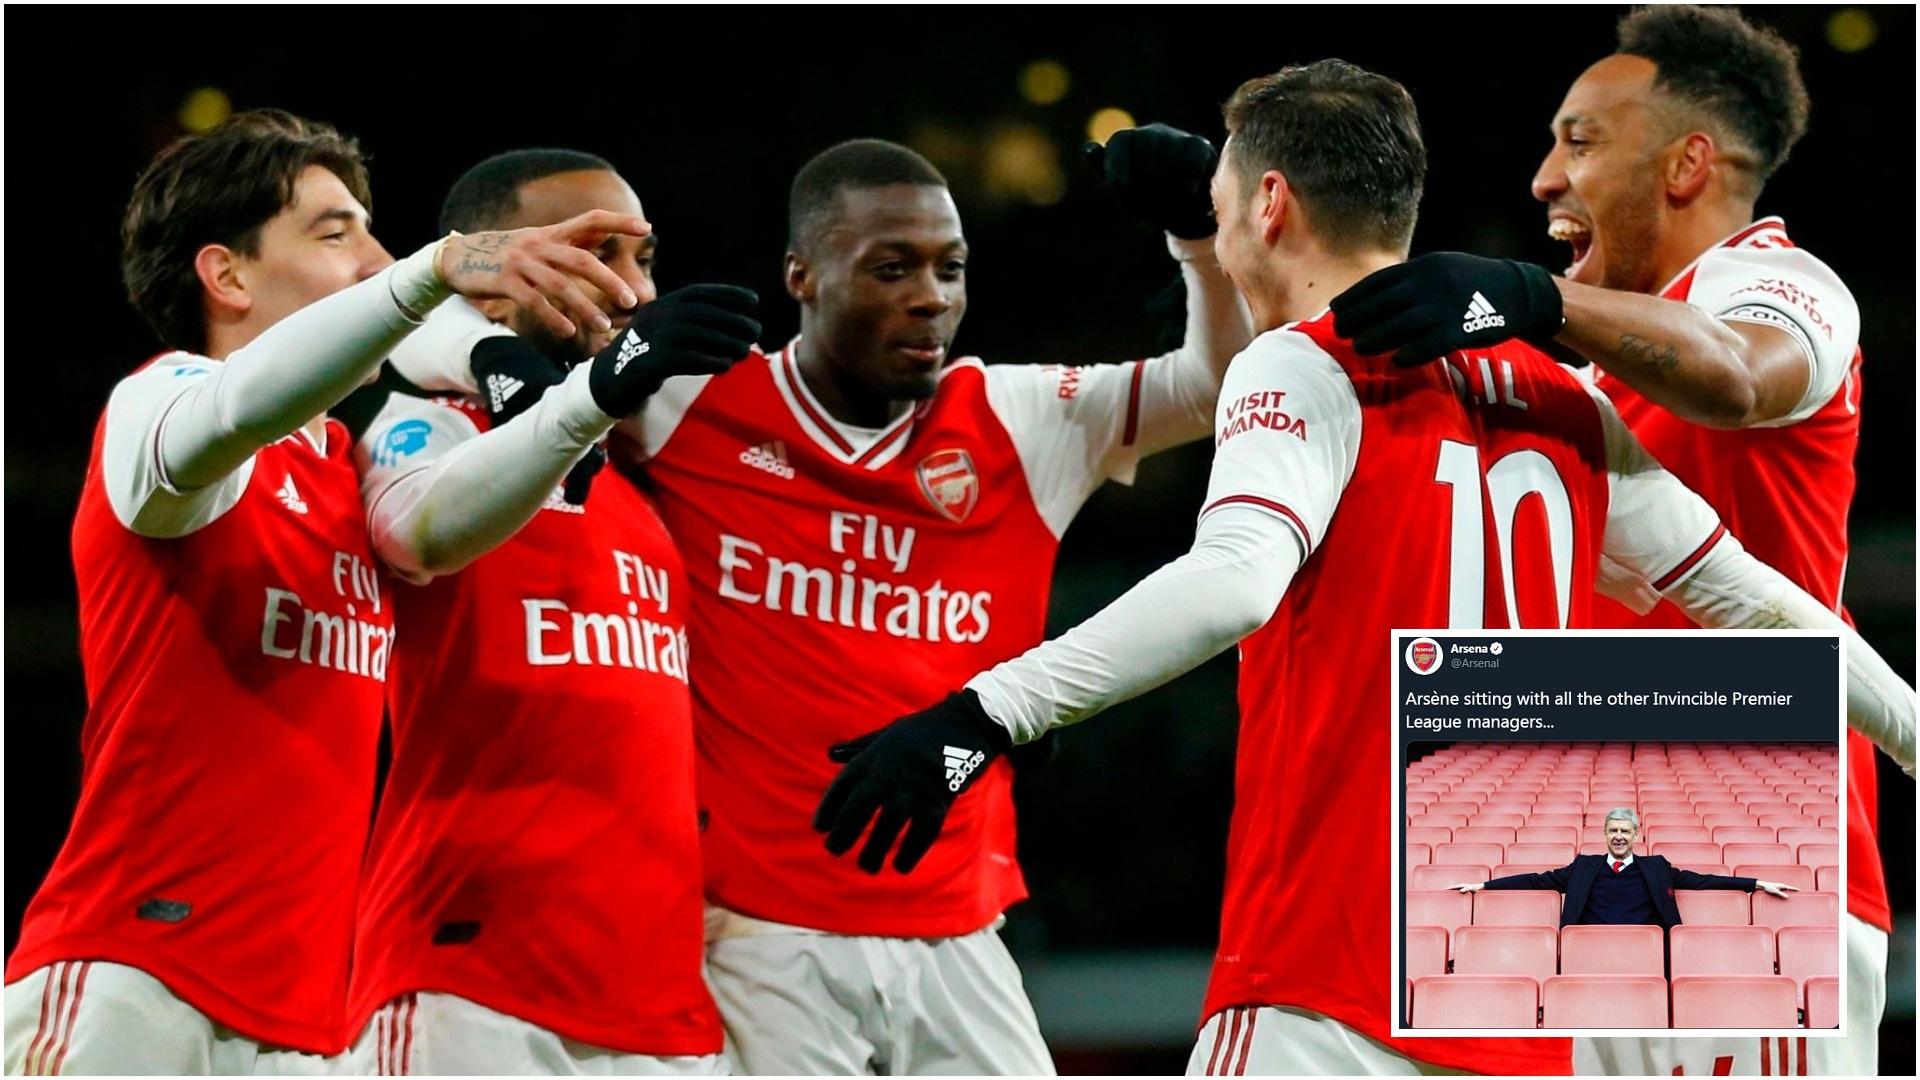 Futbolli mungon por jo ngacmimet, Arsenali me postim epik në Twitter!